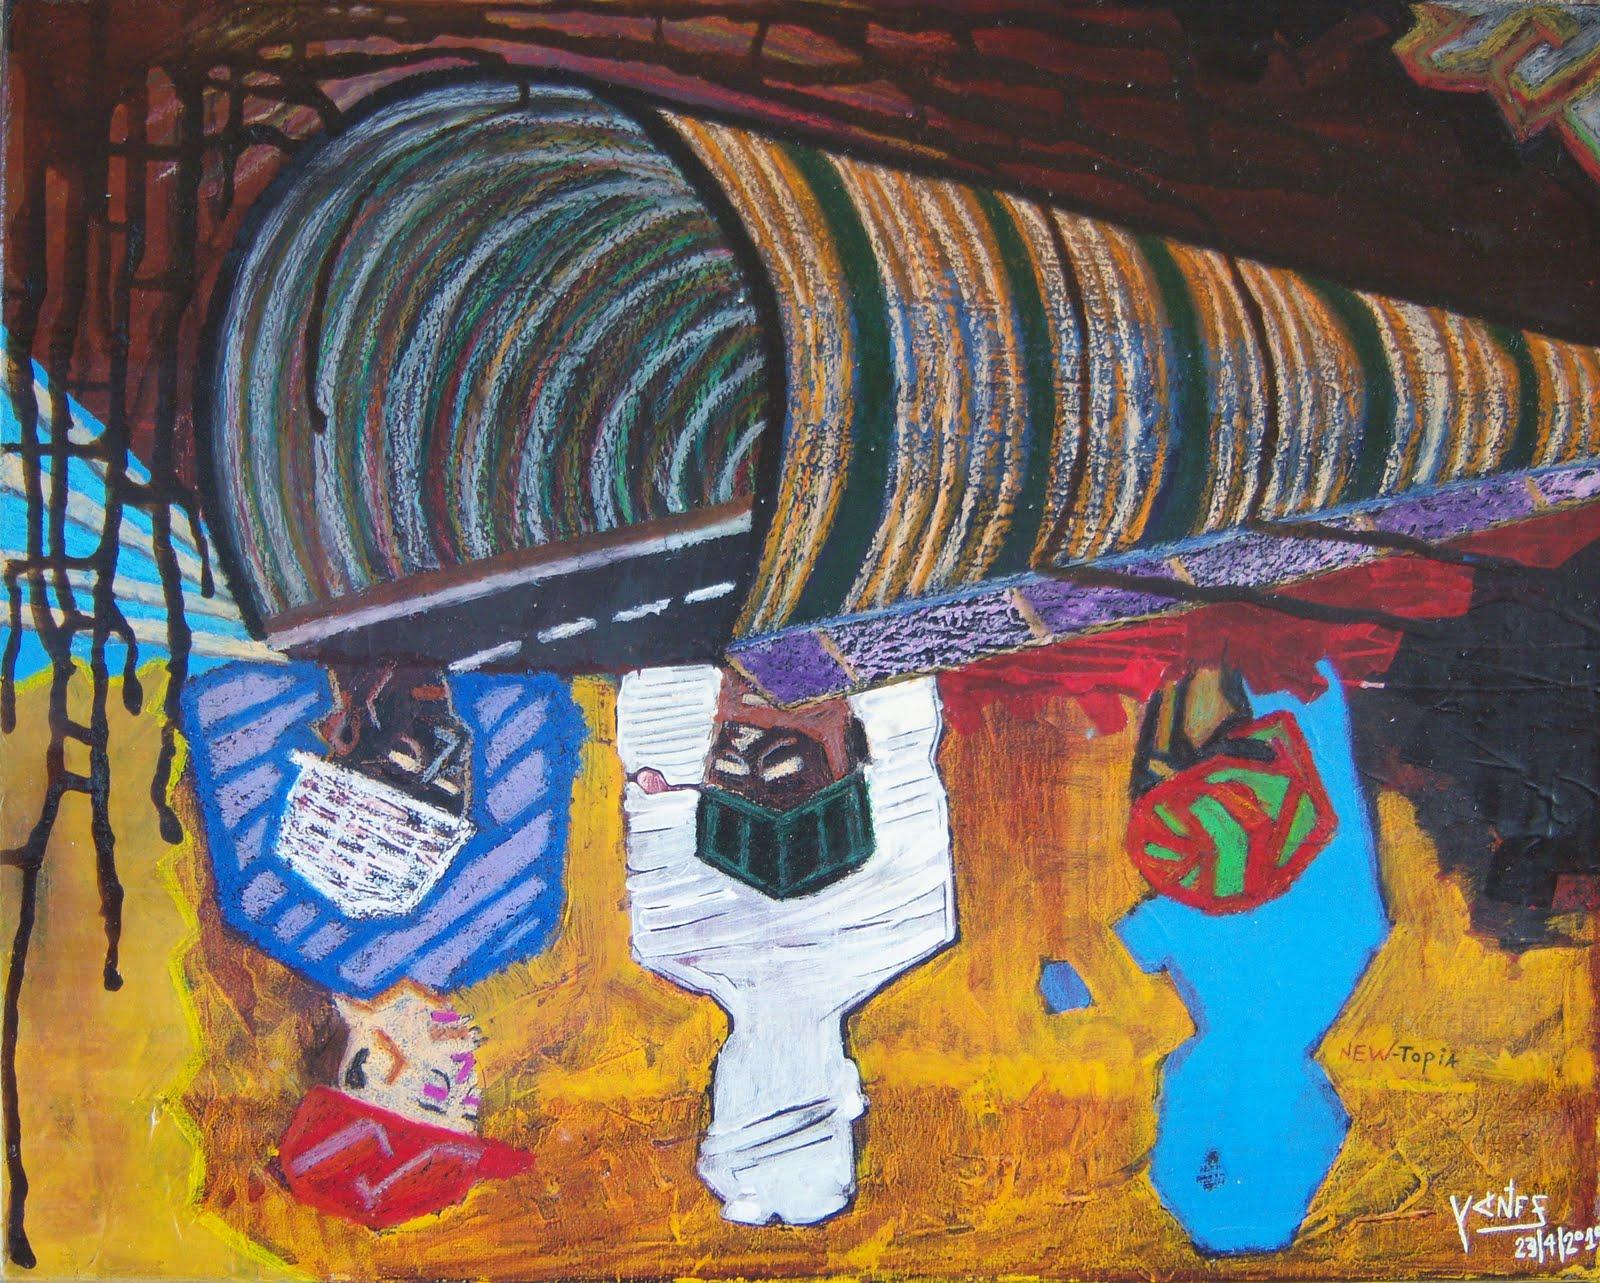 Arte oculto: las obras que los museos no quieren que veas